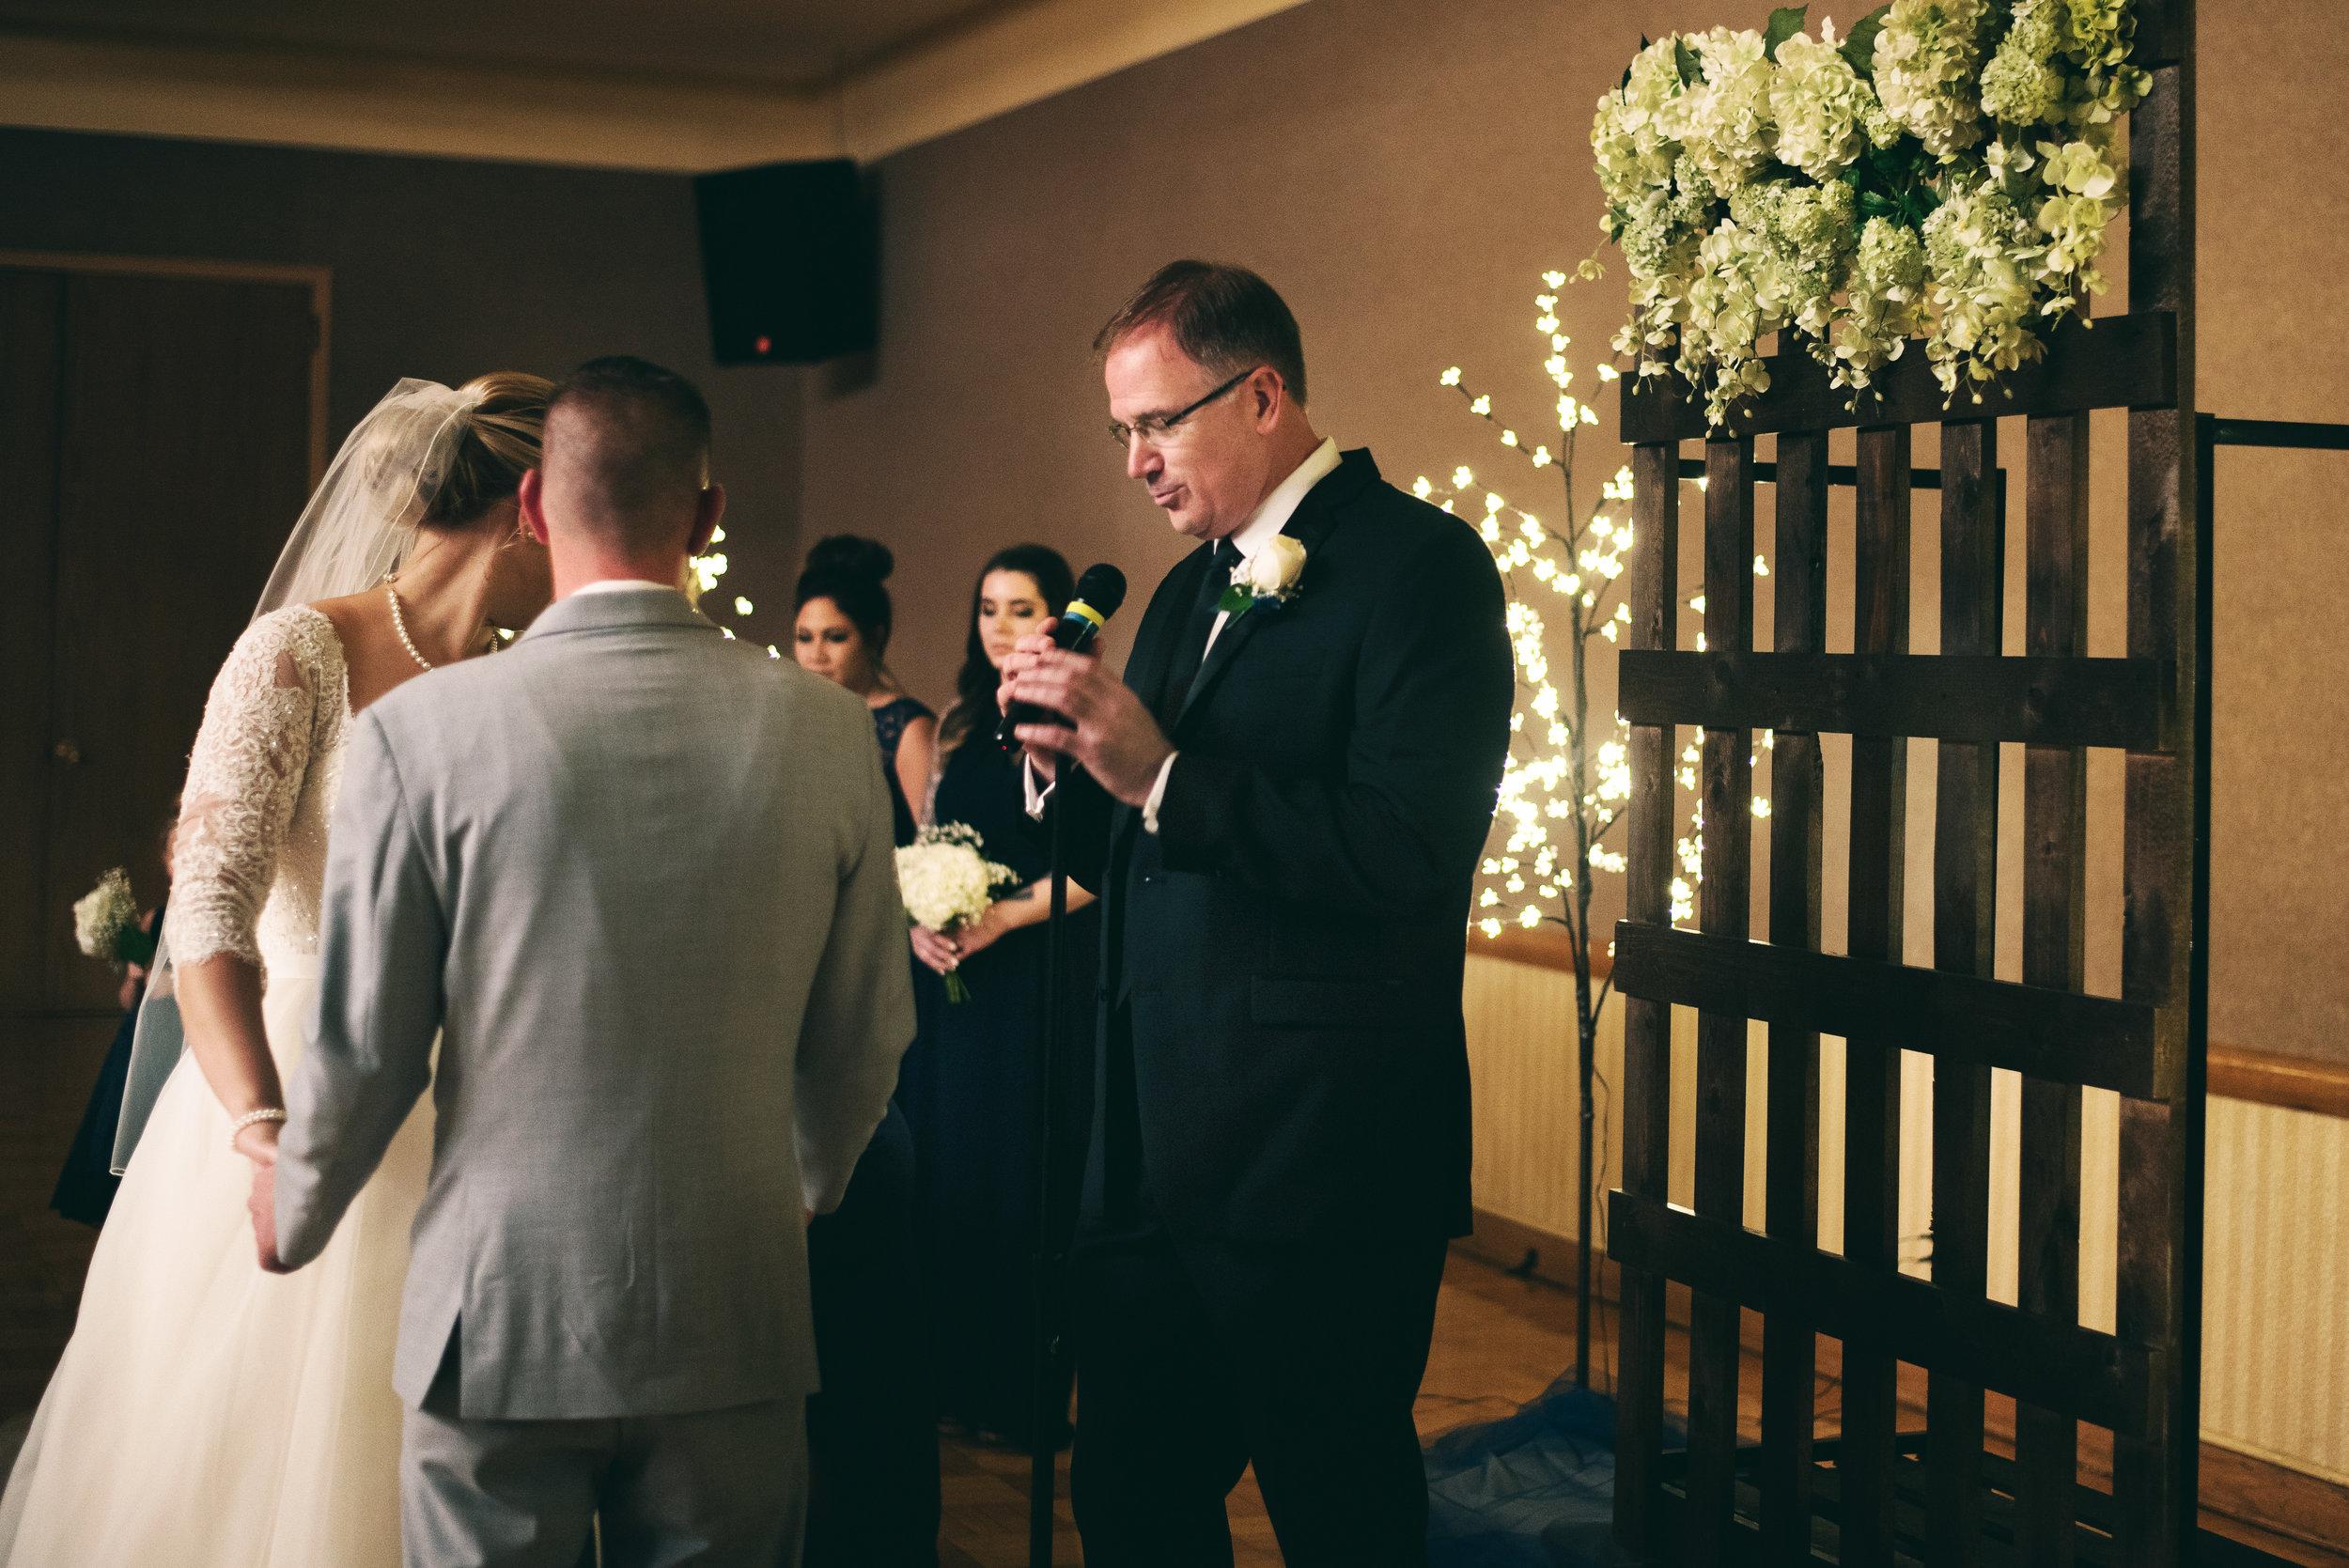 King-Northern-Illinois-University-Wedding063.jpg